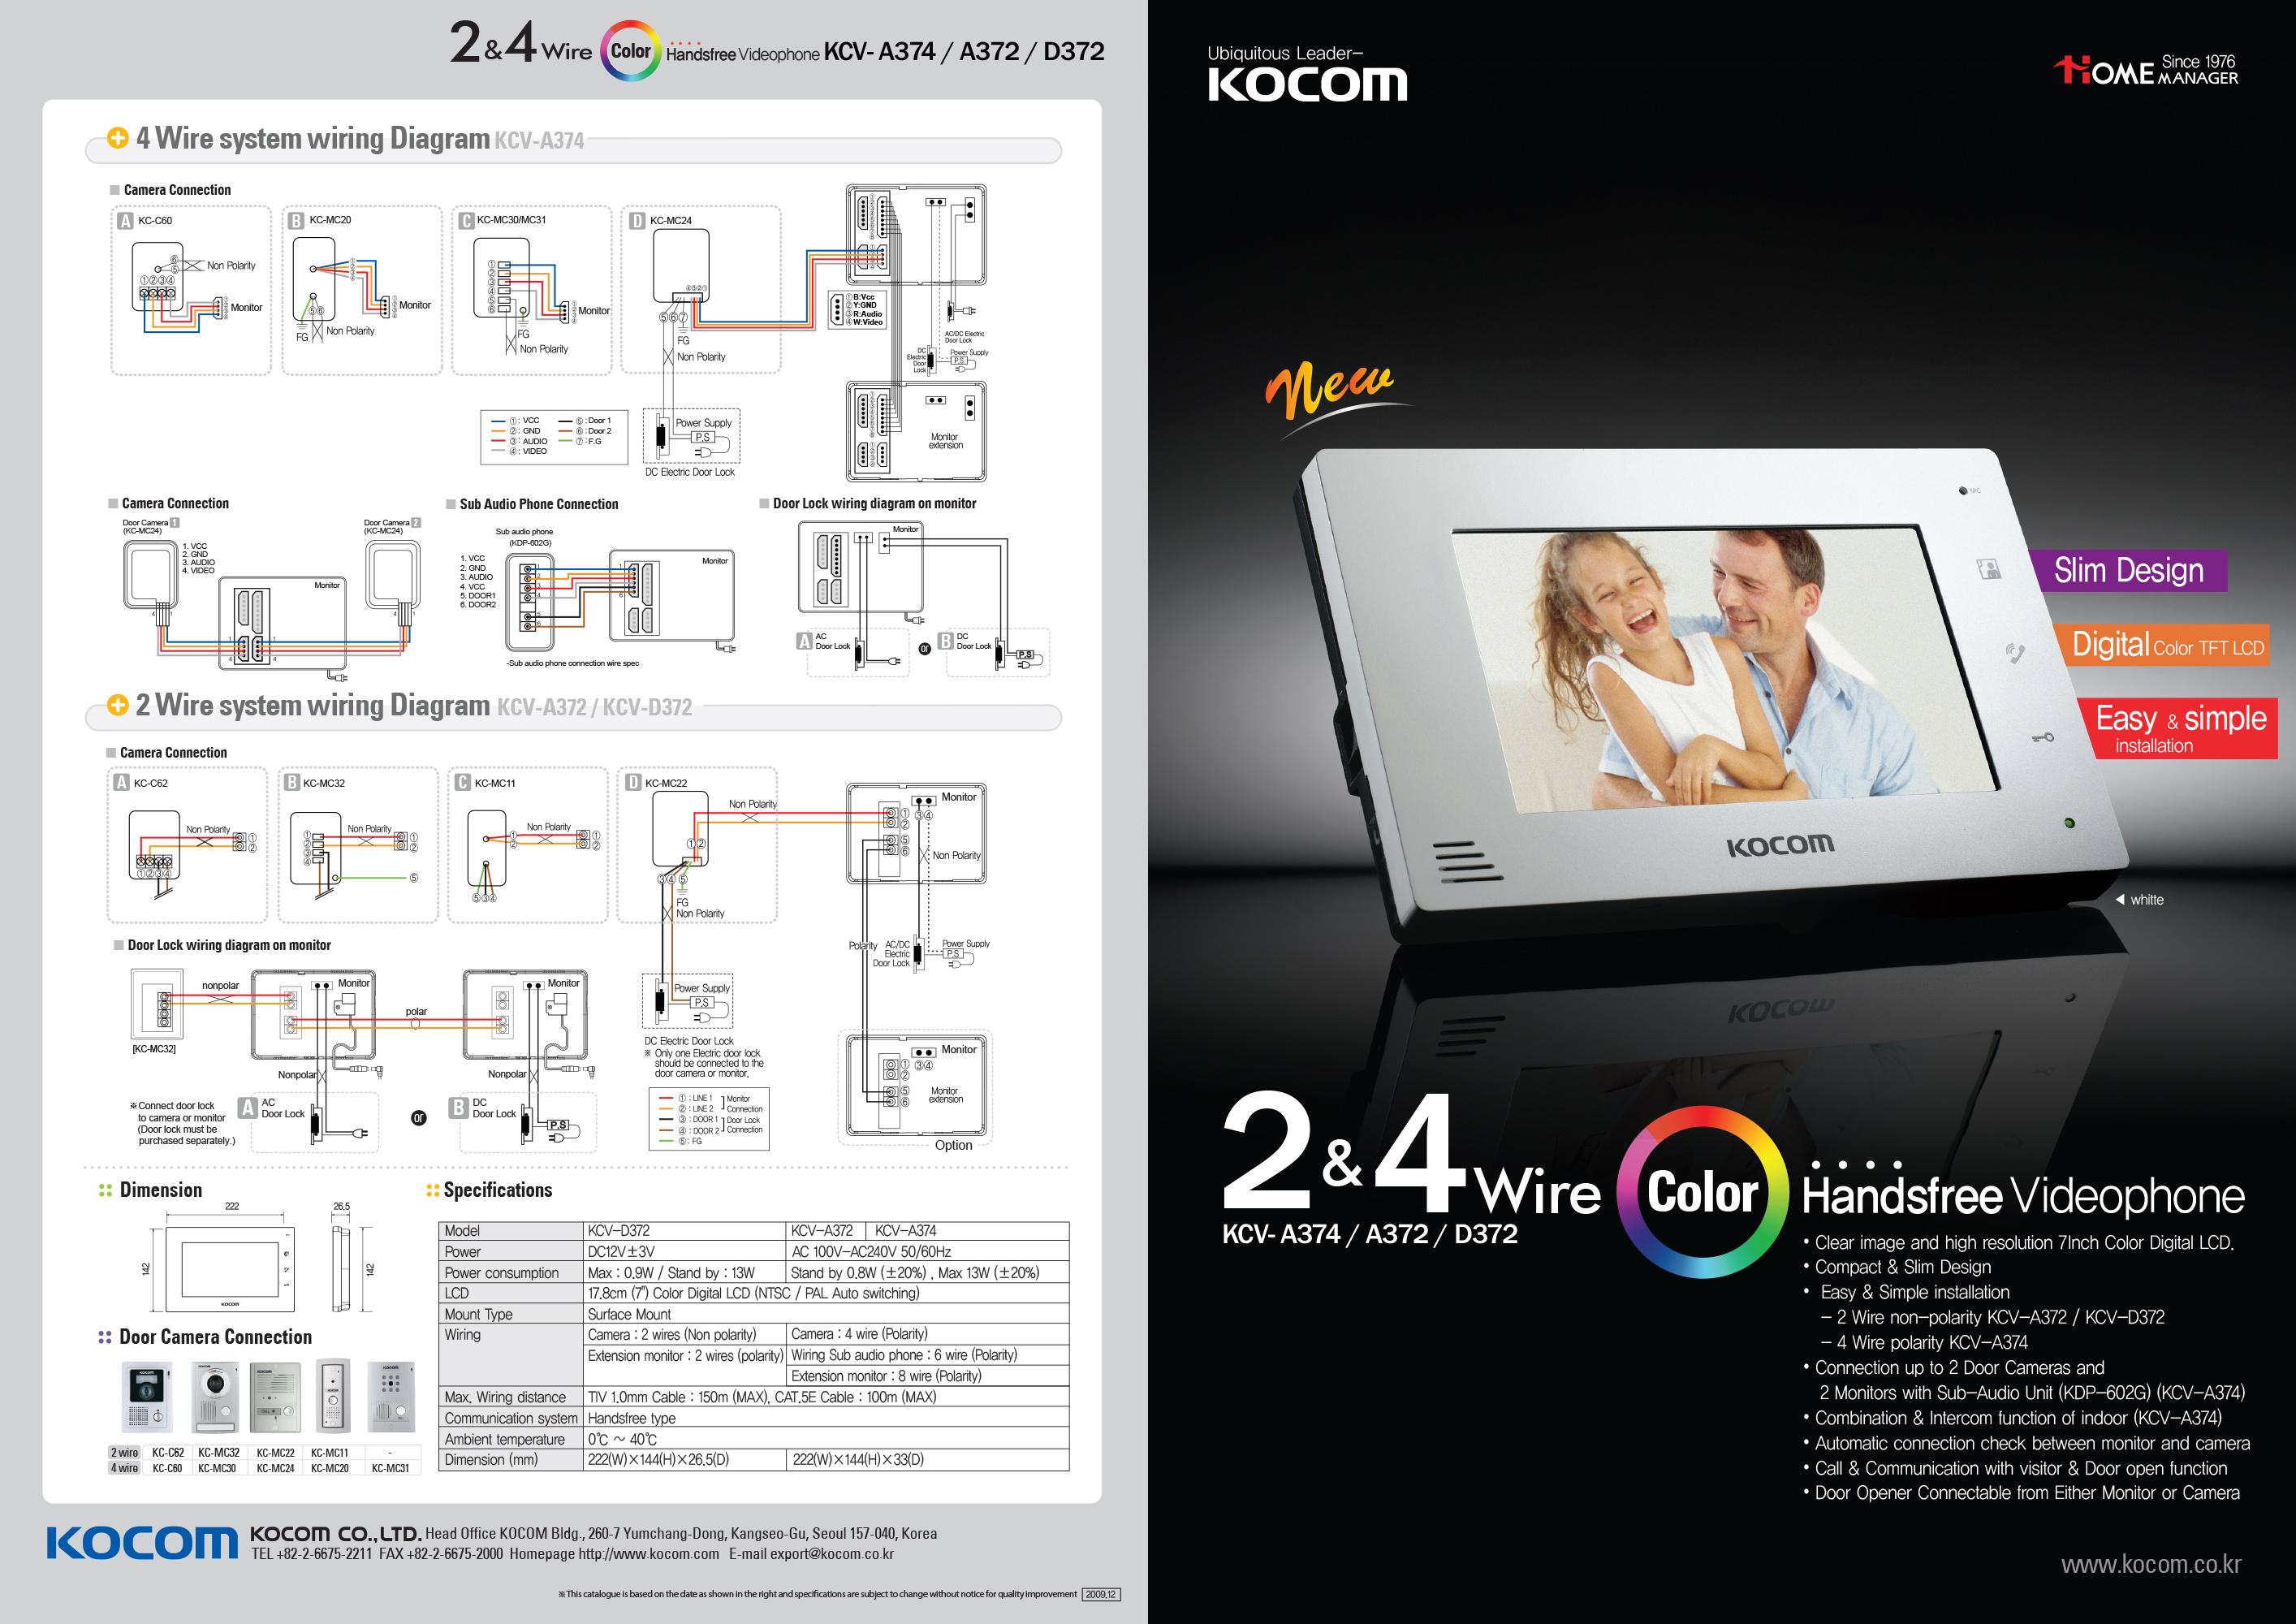 Wiring Diagram For Kocom Intercom : Kocom intercom wiring diagram m s mc